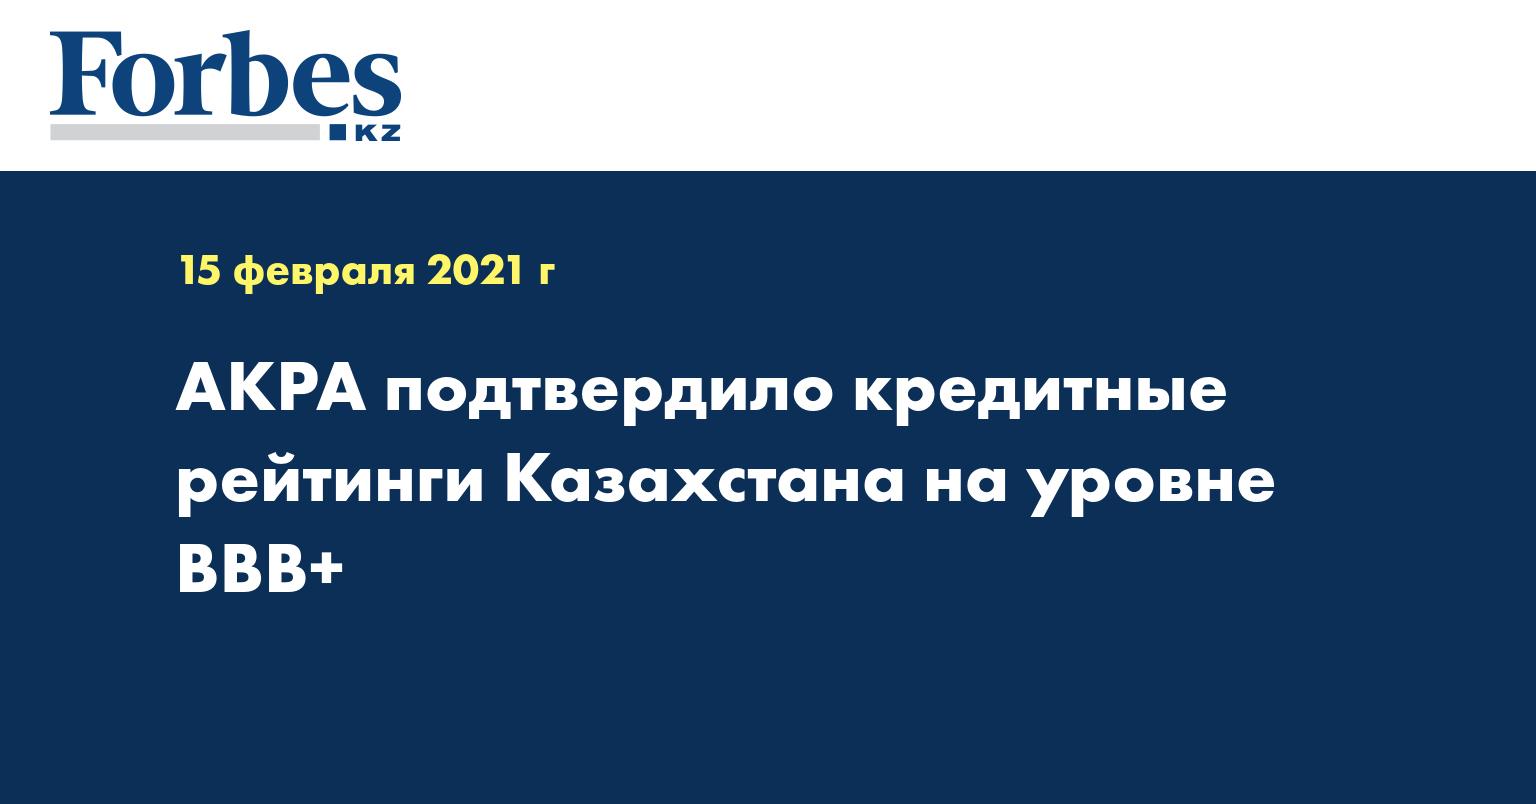 АКРА подтвердило кредитные рейтинги Казахстана на уровне BBB+